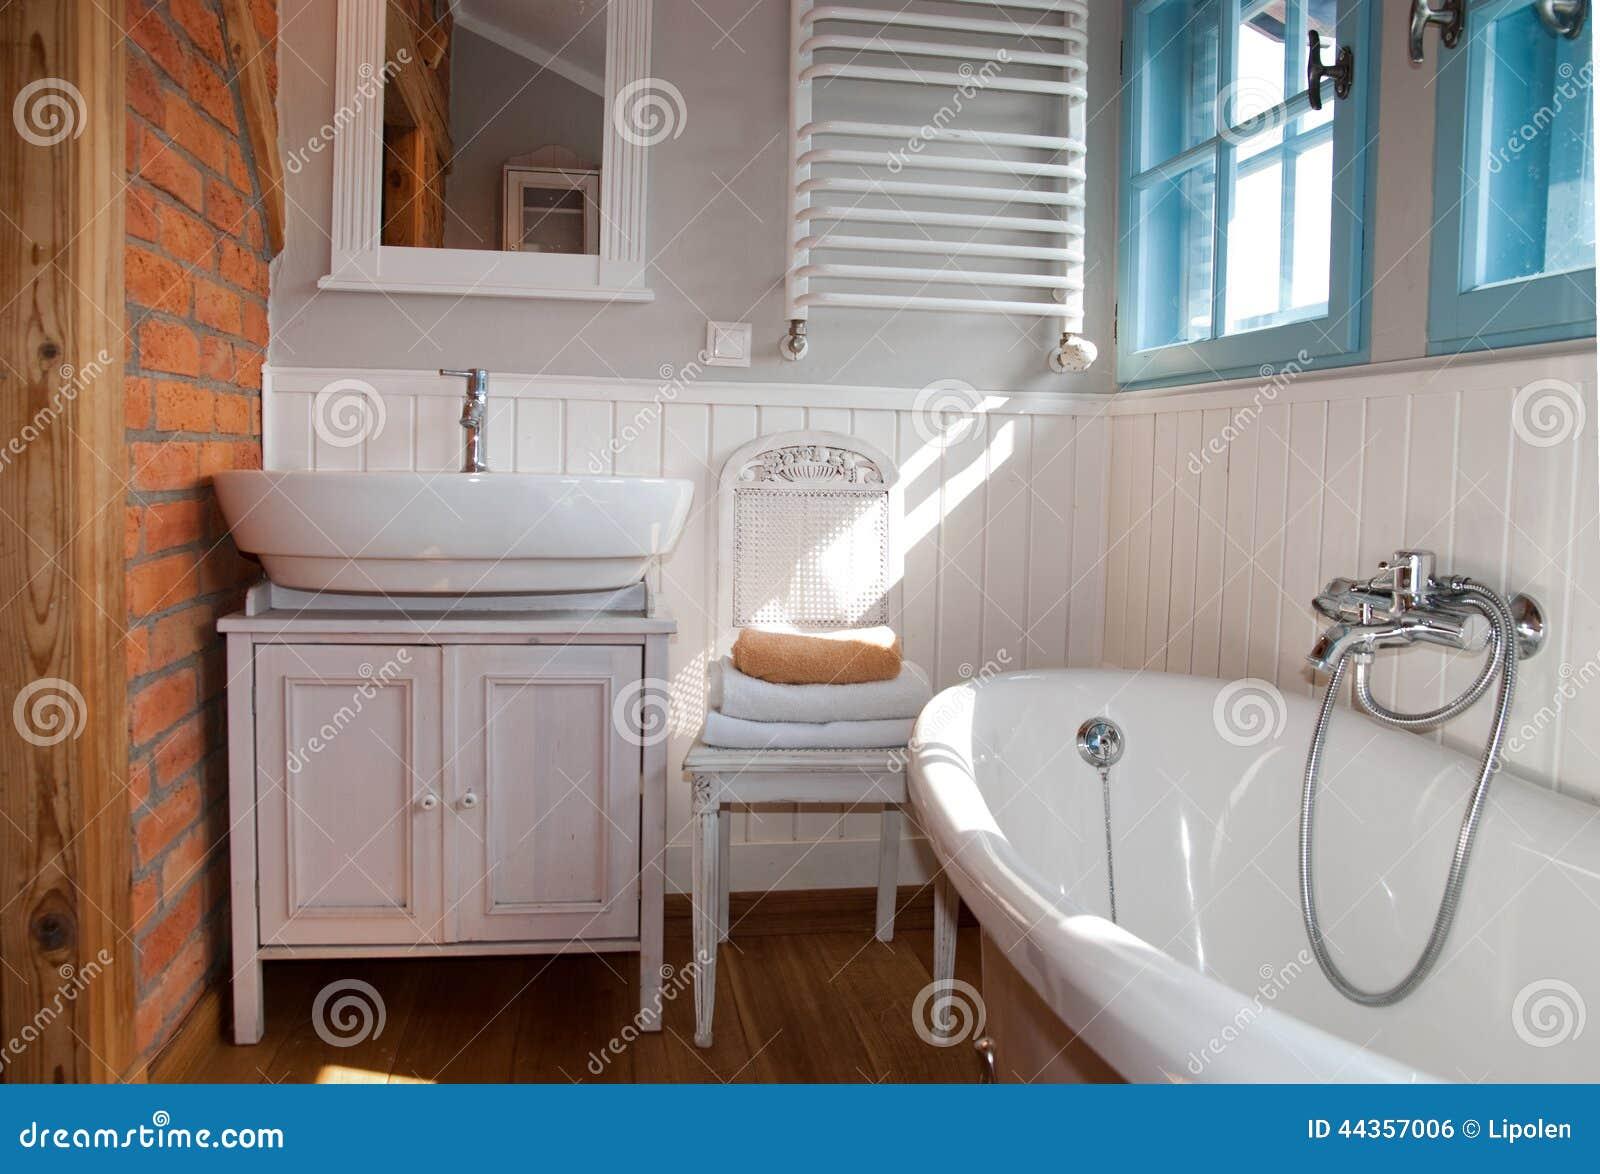 Cuarto de ba o r stico gris blanco con la ventana foto de - Cuarto bano rustico ...